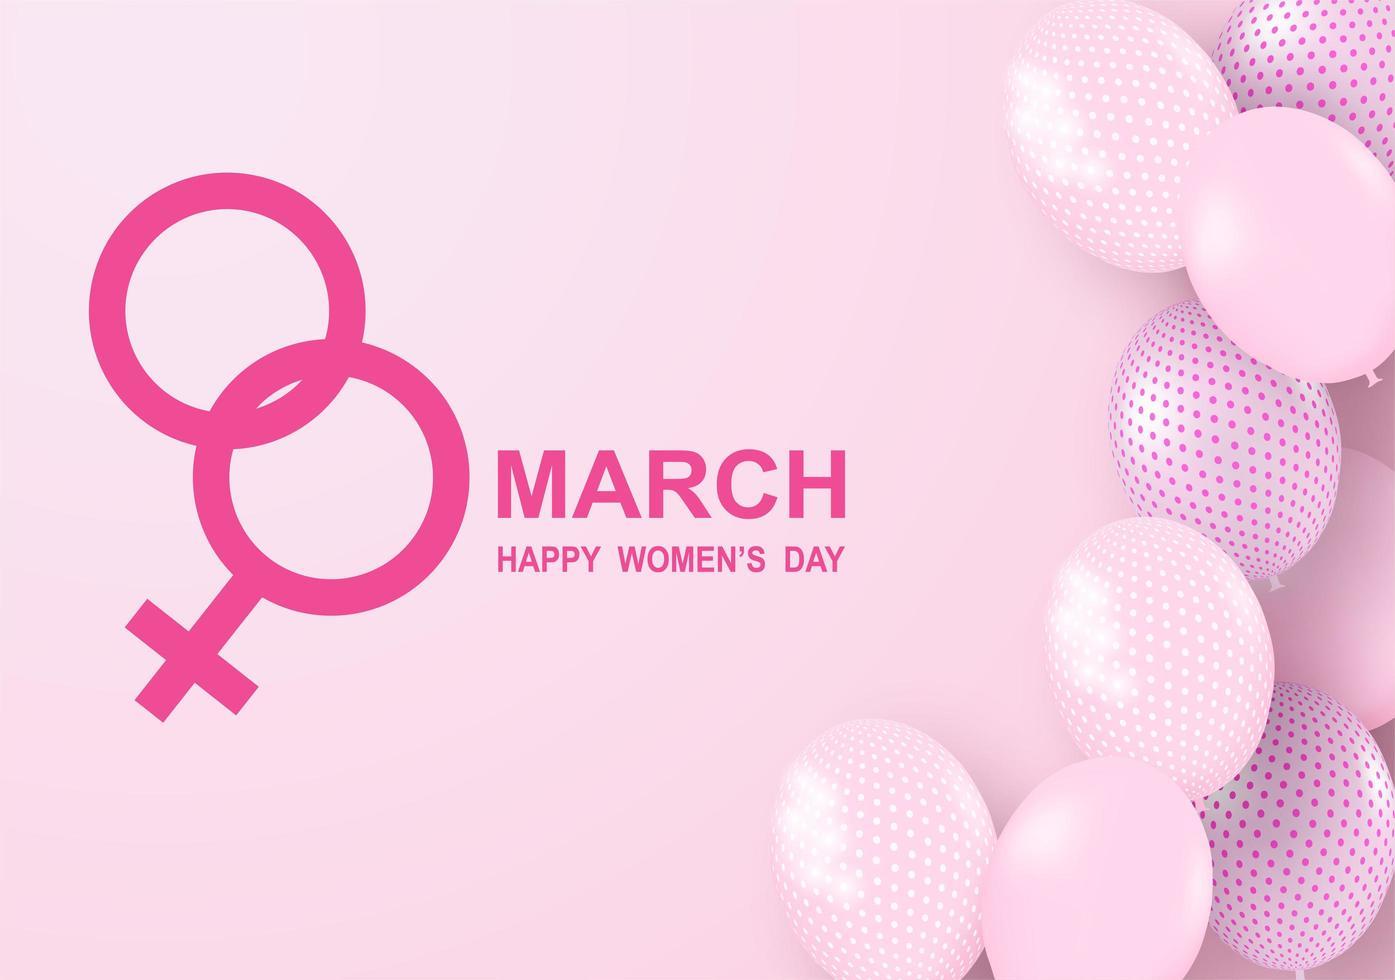 Conception de la journée de la femme avec des ballons roses et symbole féminin vecteur